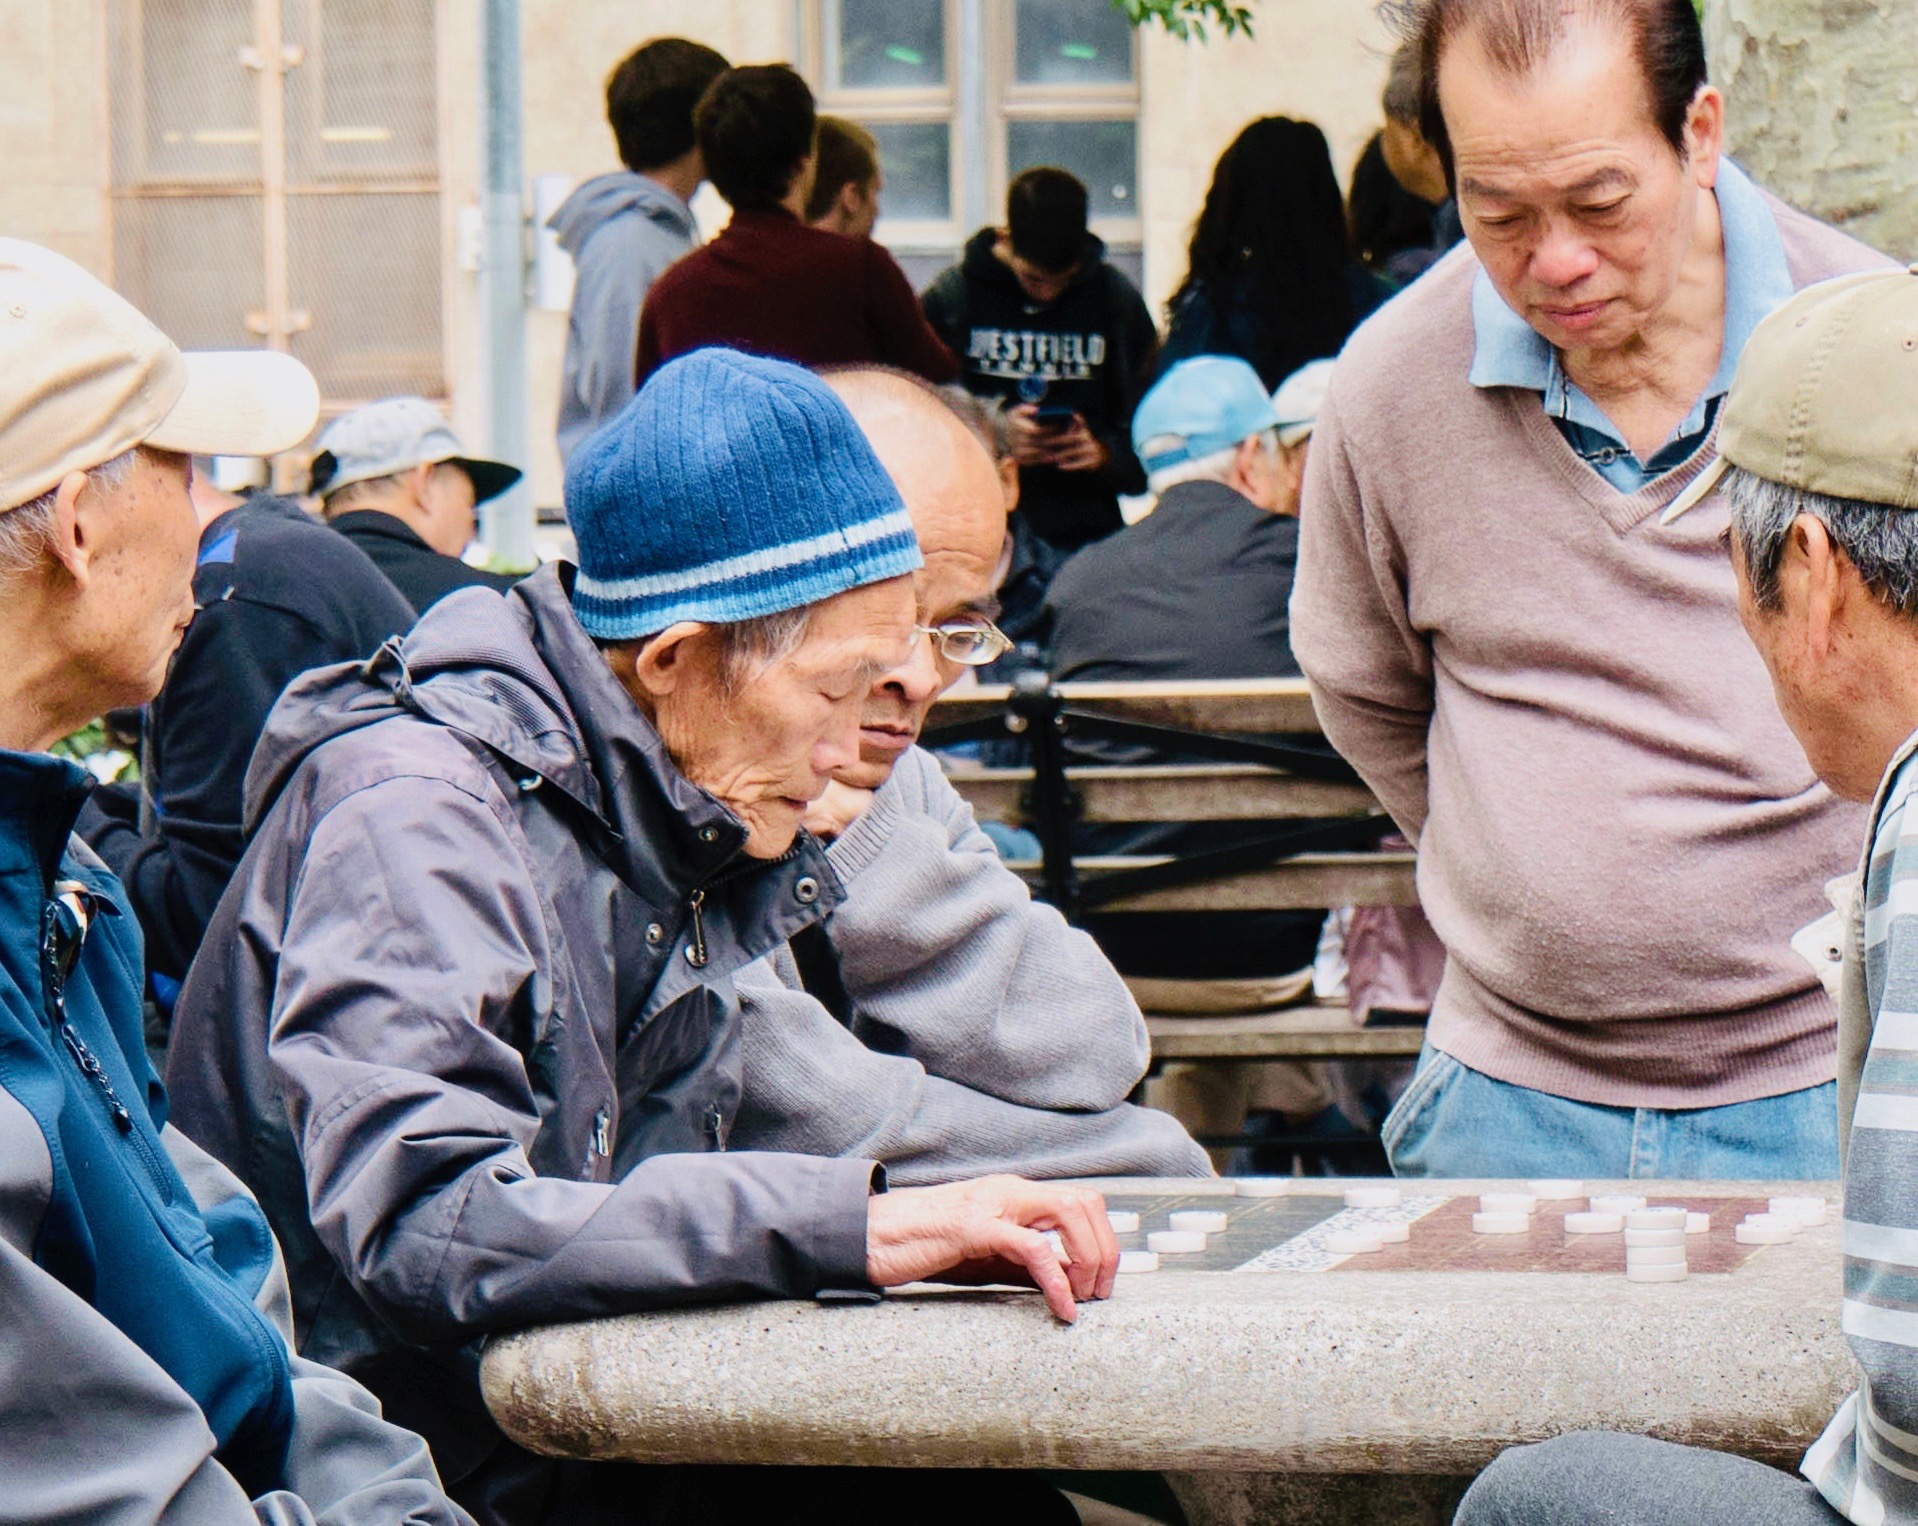 Chinatown_sightseeing.jpeg